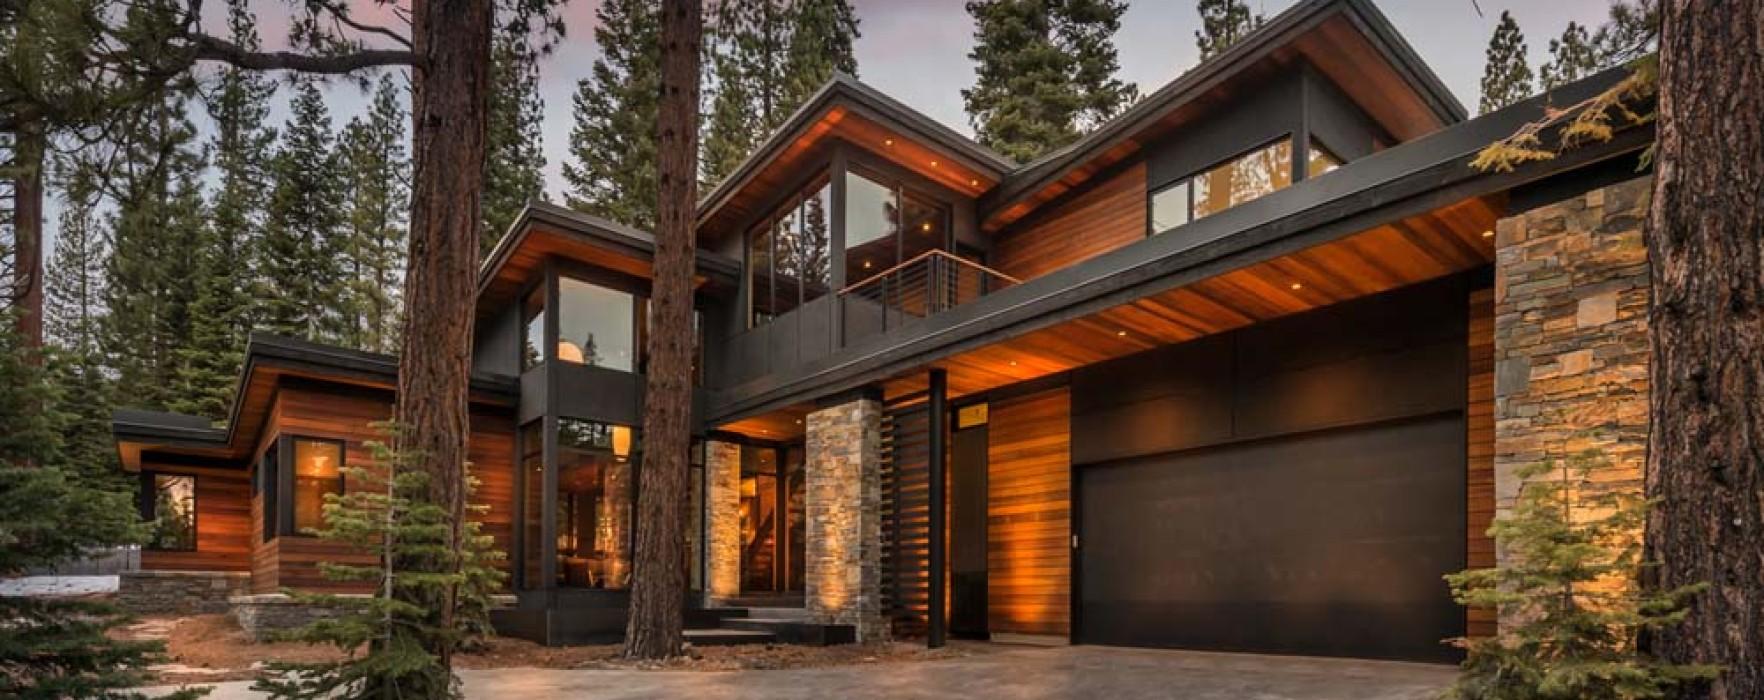 Acquistare un appartamento prefabbricato in legno for Durata case in legno